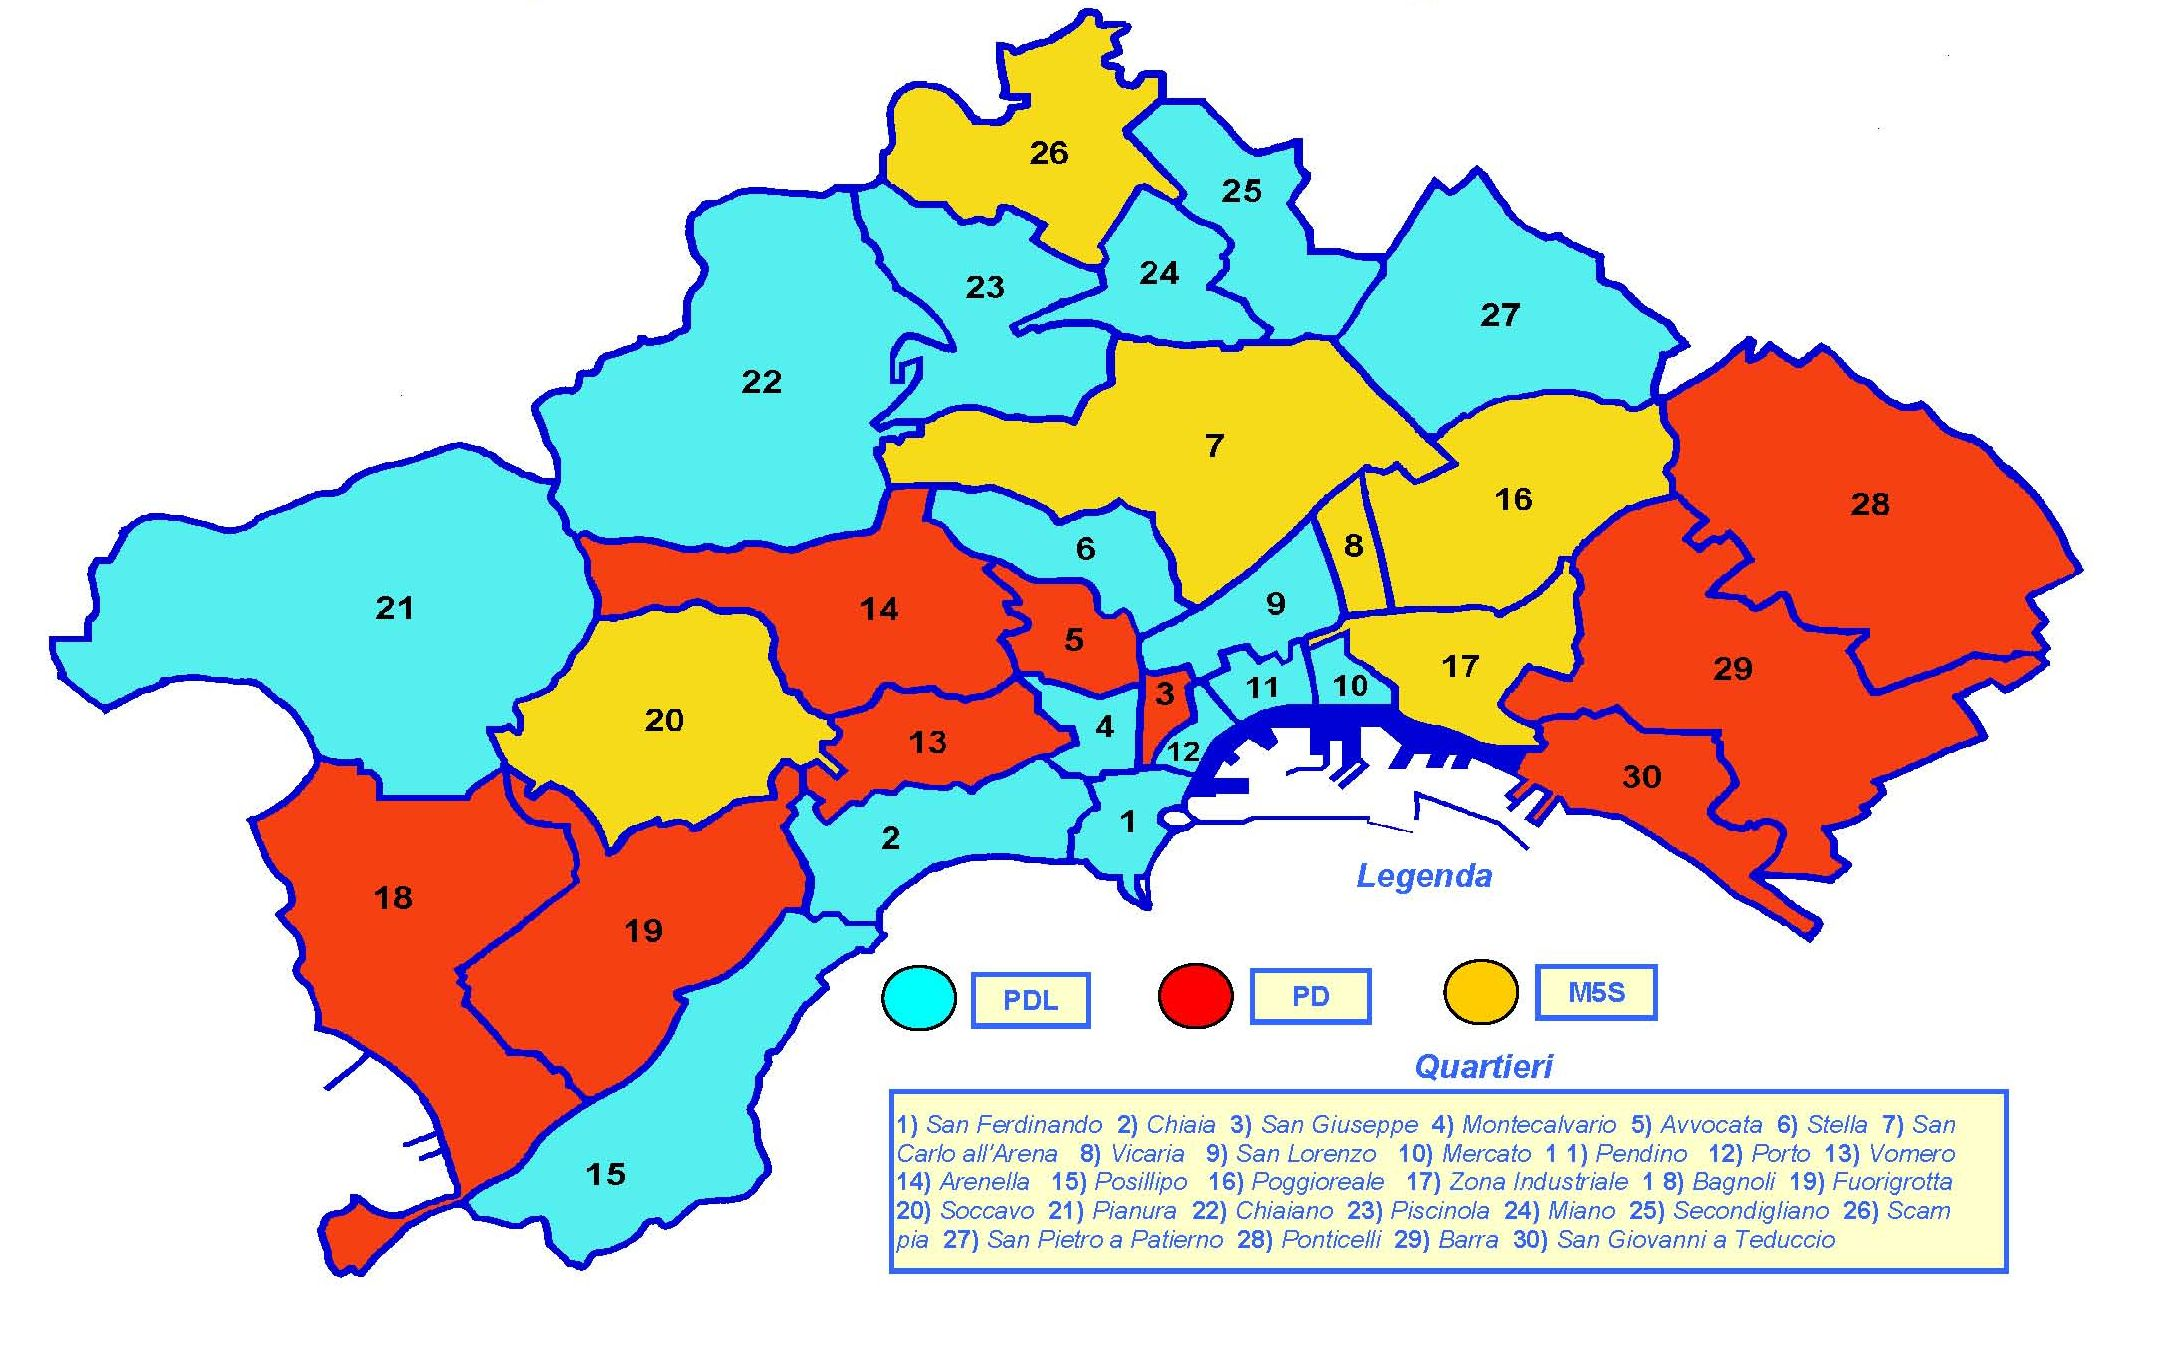 Cartina Napoli Da Stampare.Mappa Napoli Tutto L Occorrente Per Orientarsi A Napoli Turista Fai Da Te